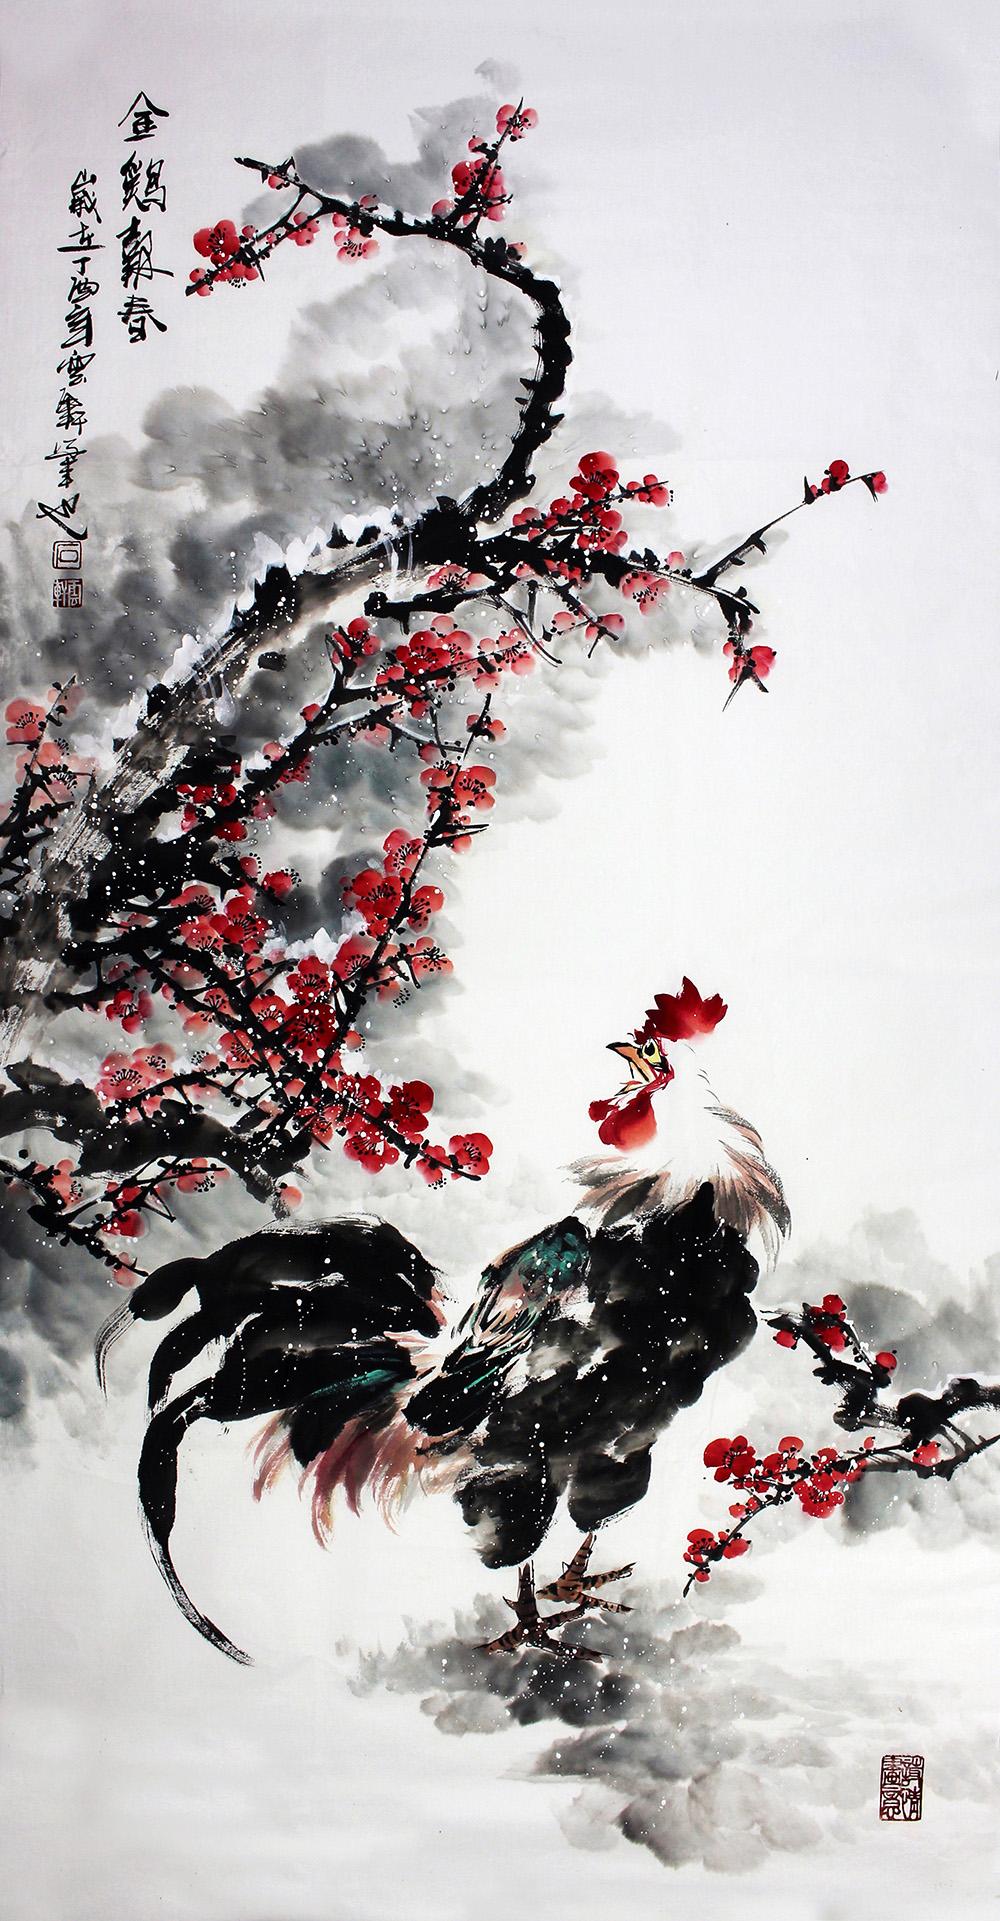 石云轩 国画写意花鸟画 四尺竖幅 金鸡报春 红梅花 公鸡15 2